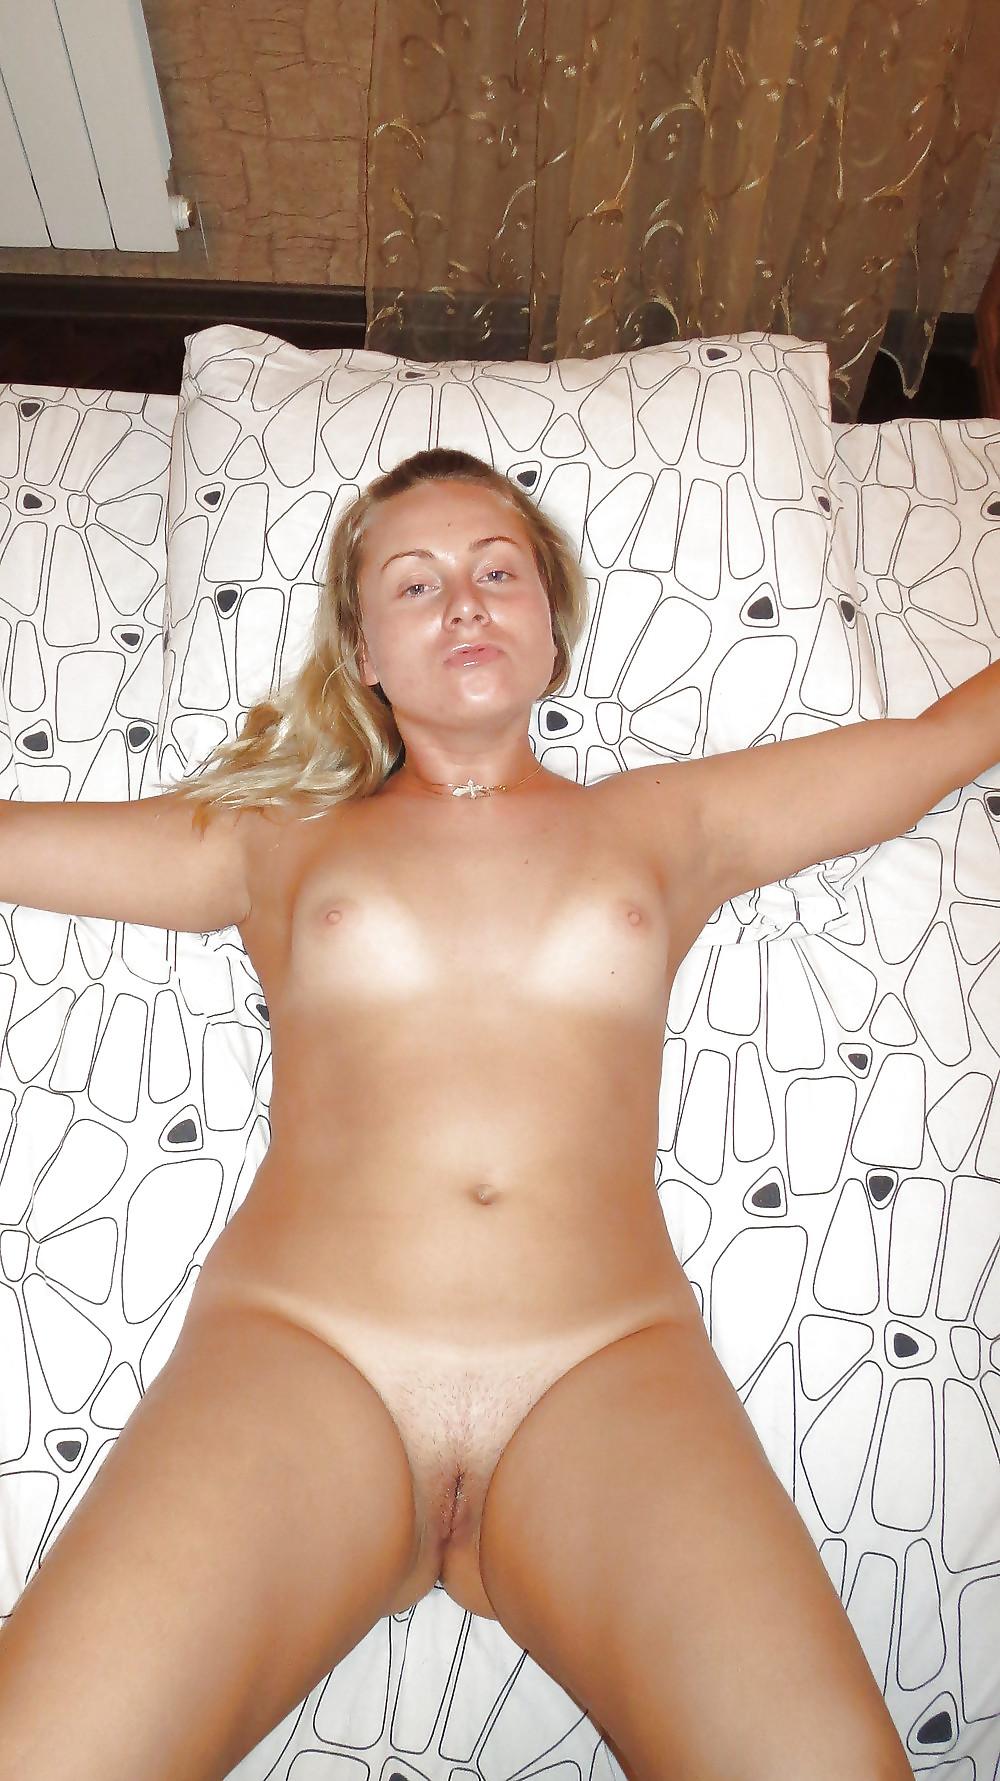 Порно новосибирска женщина познакомится, фото и видео уже взрослые и совсем голые